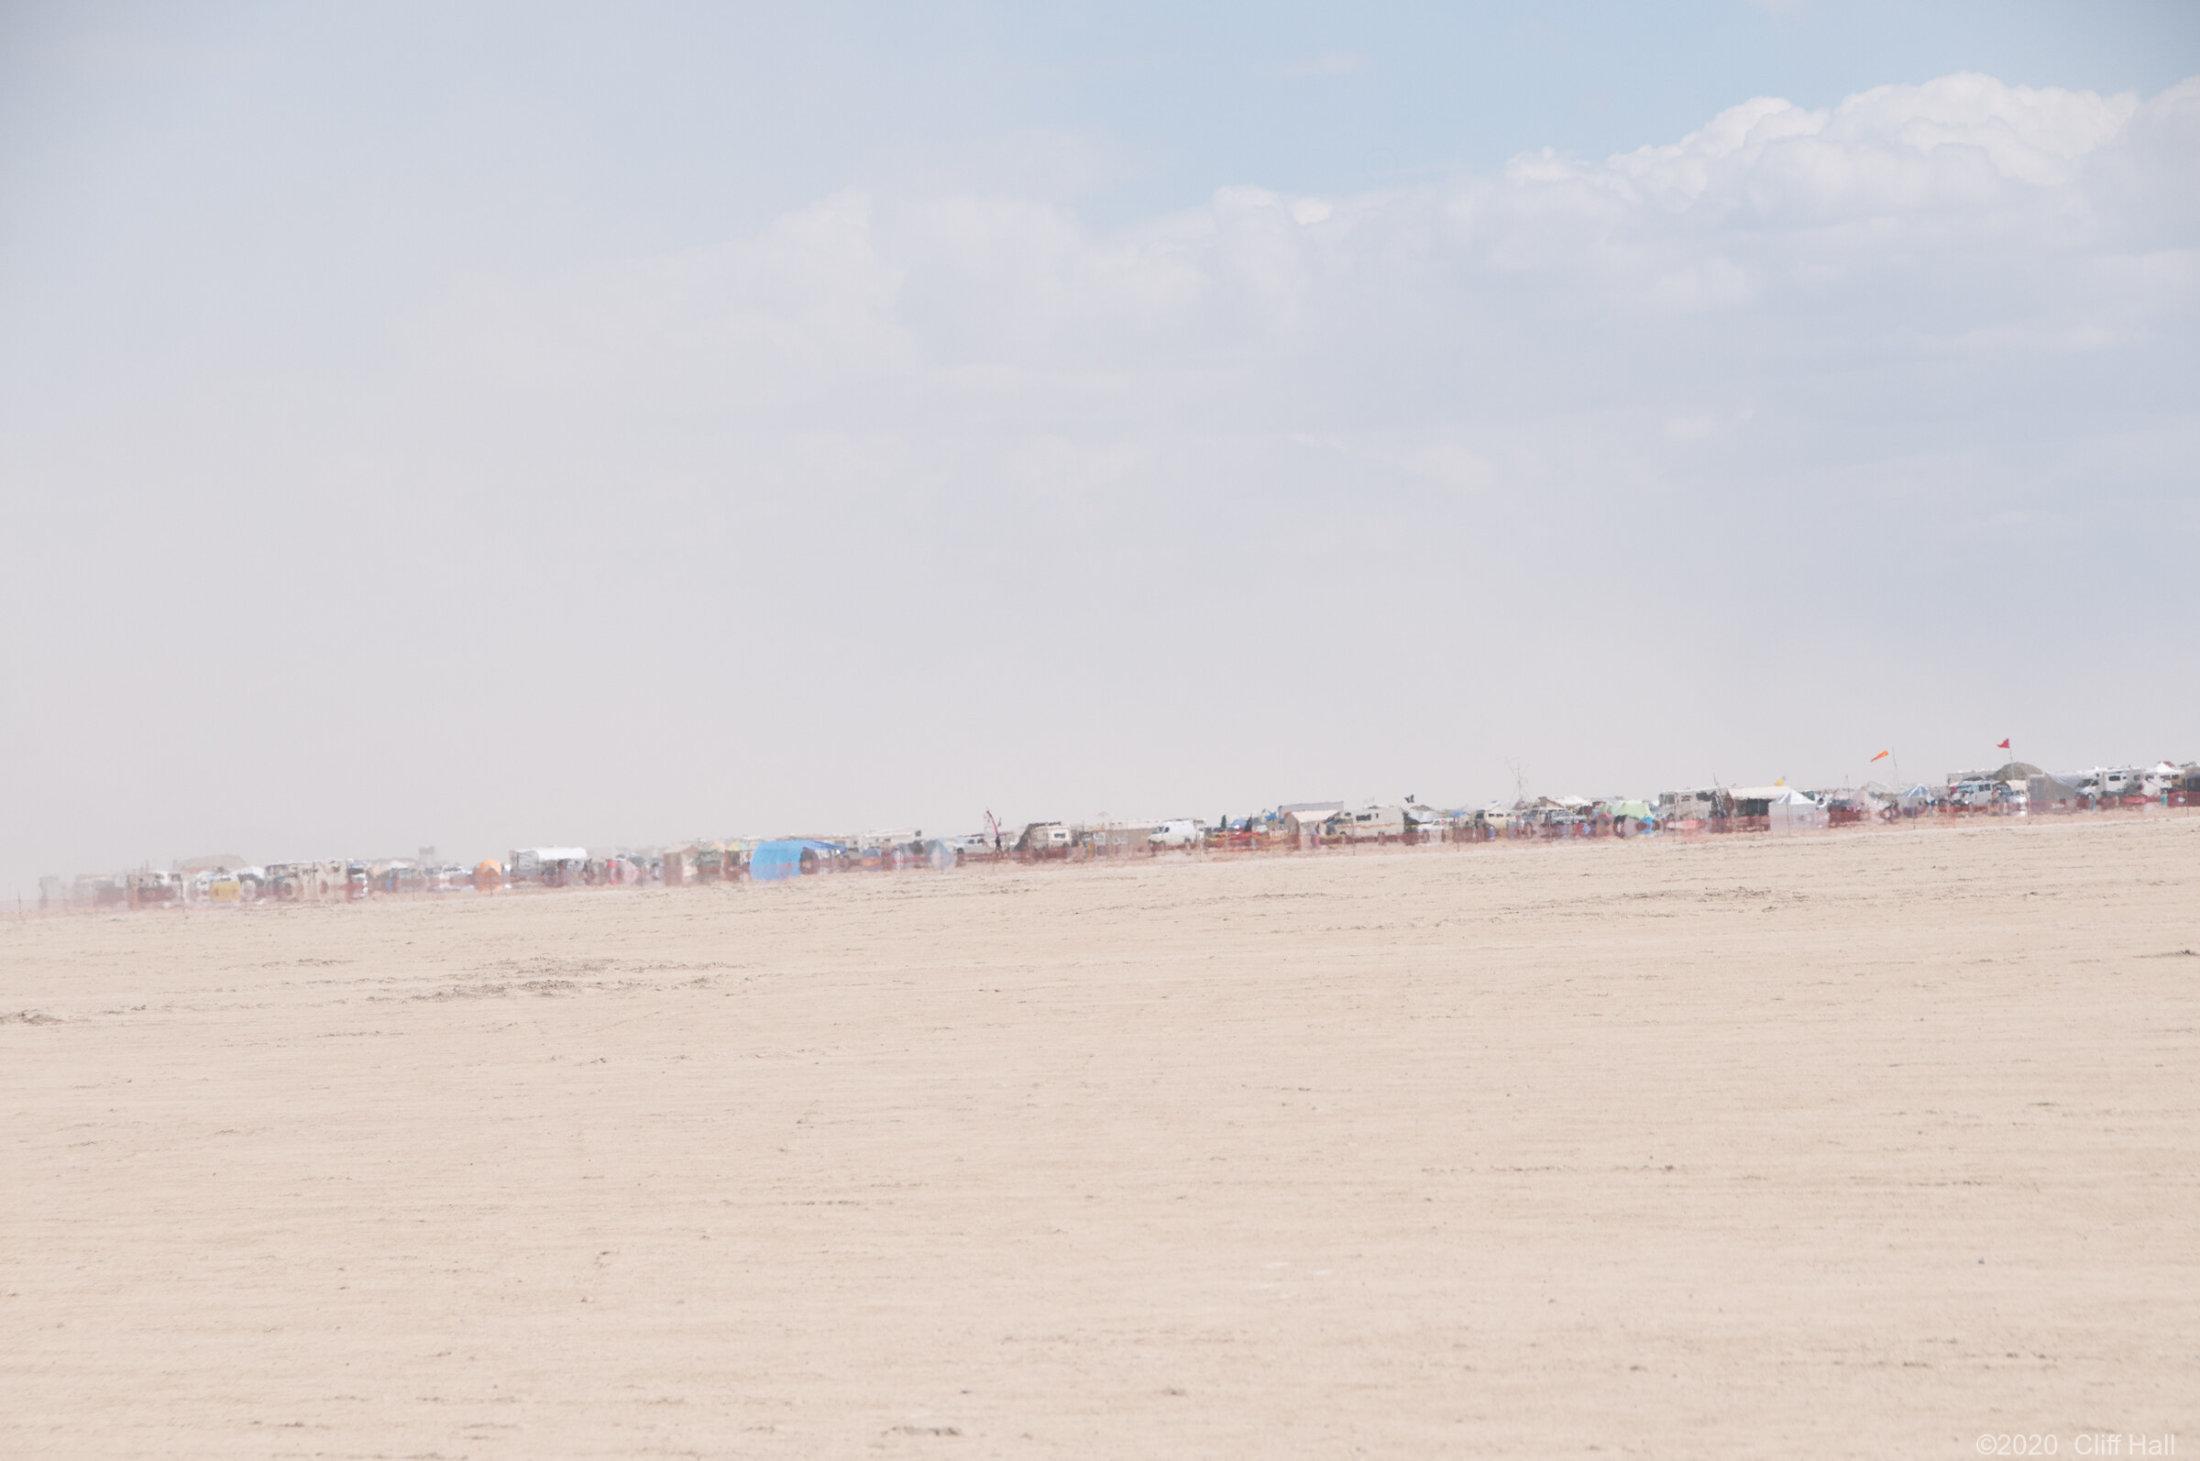 Folks going to Burning Man